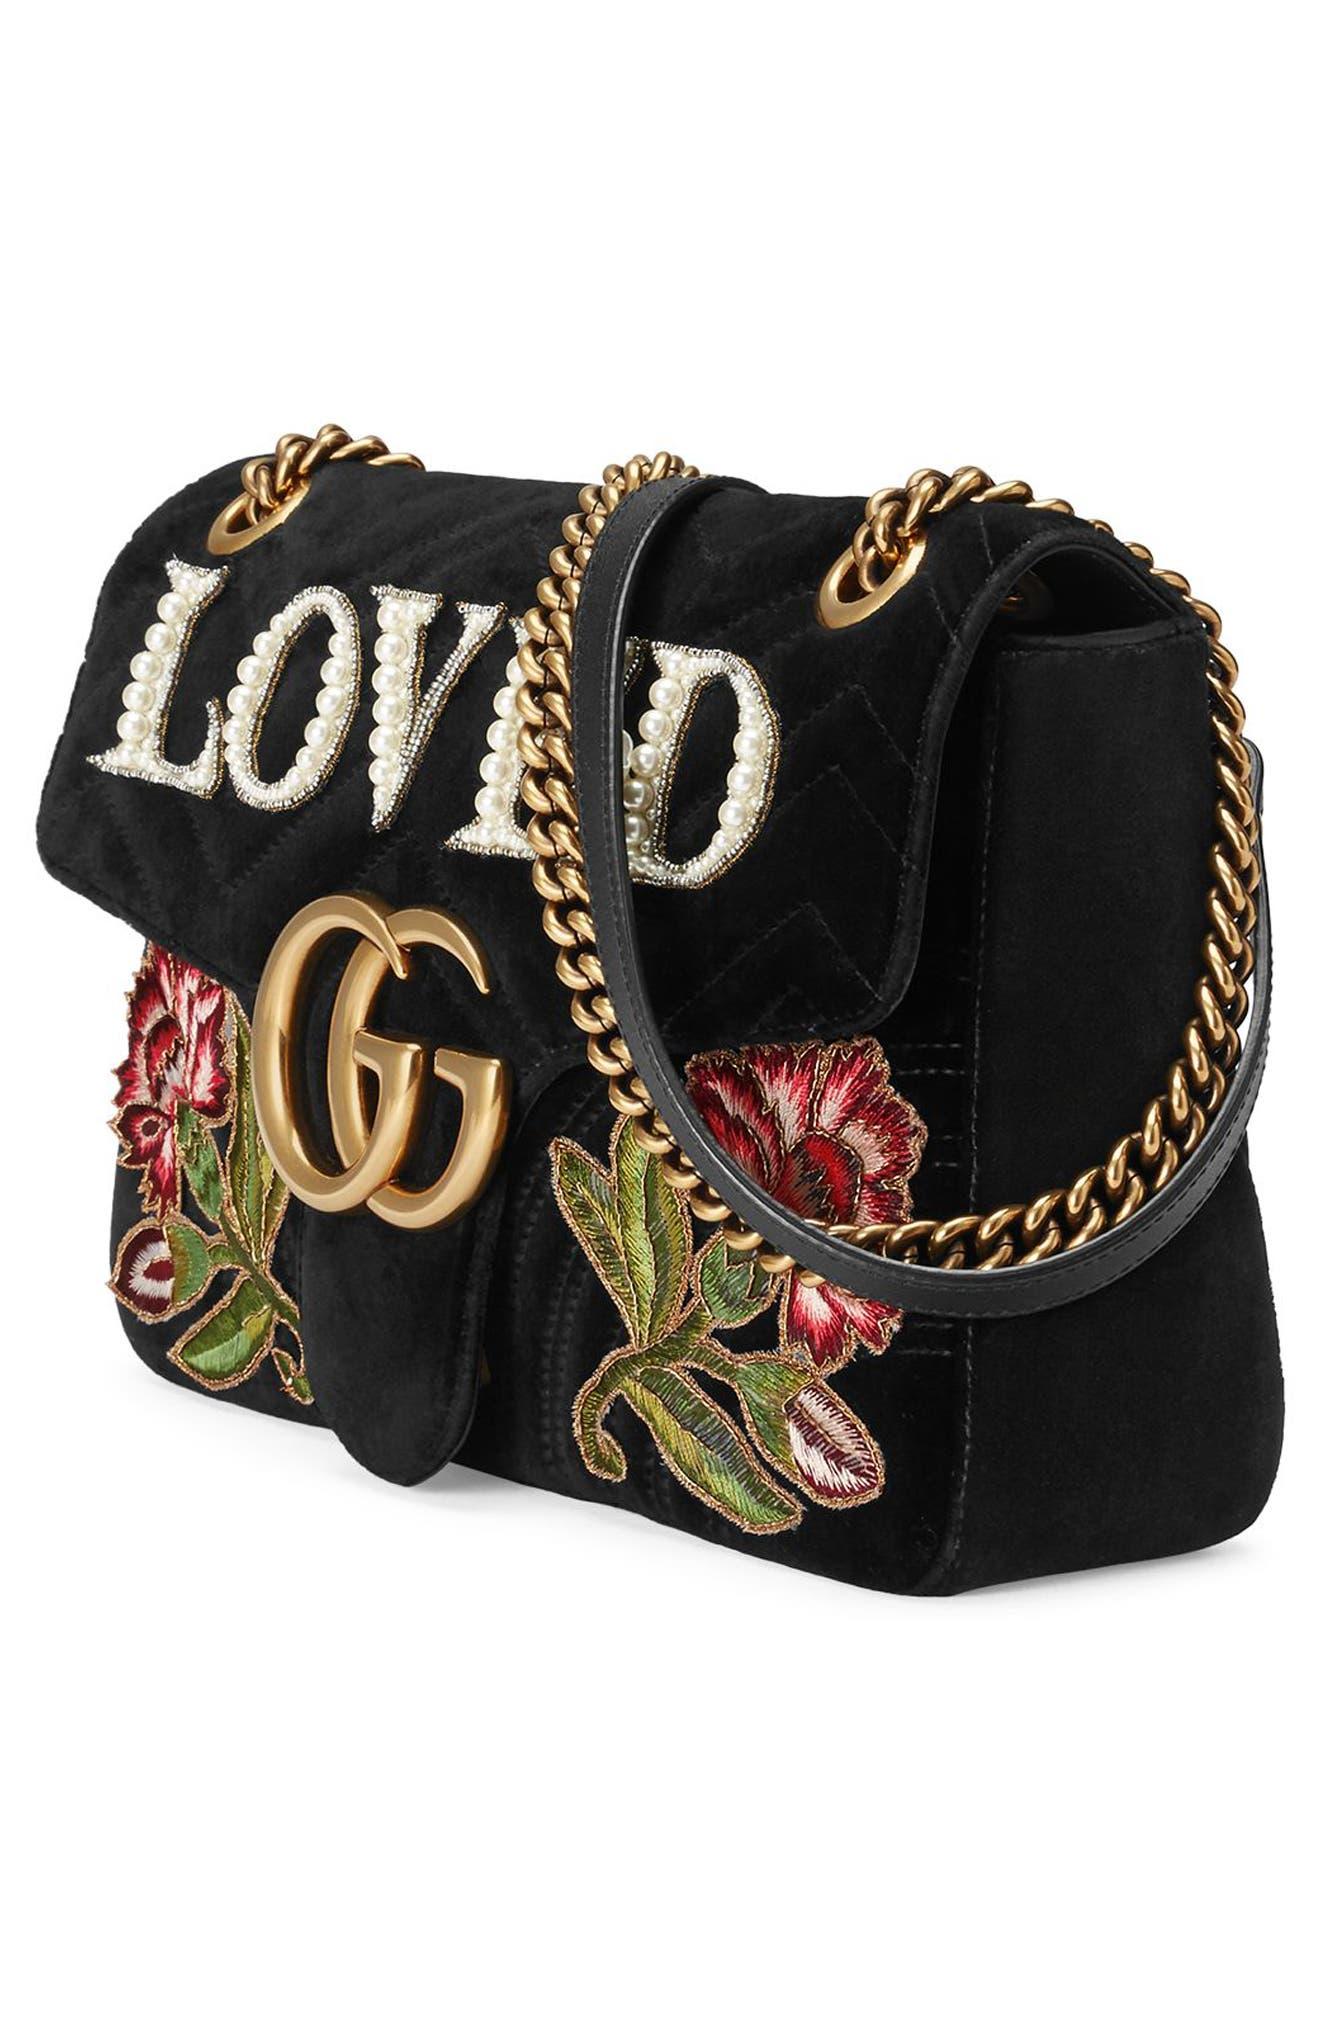 GG Marmont Loved Velvet Shoulder Bag,                             Alternate thumbnail 4, color,                             977